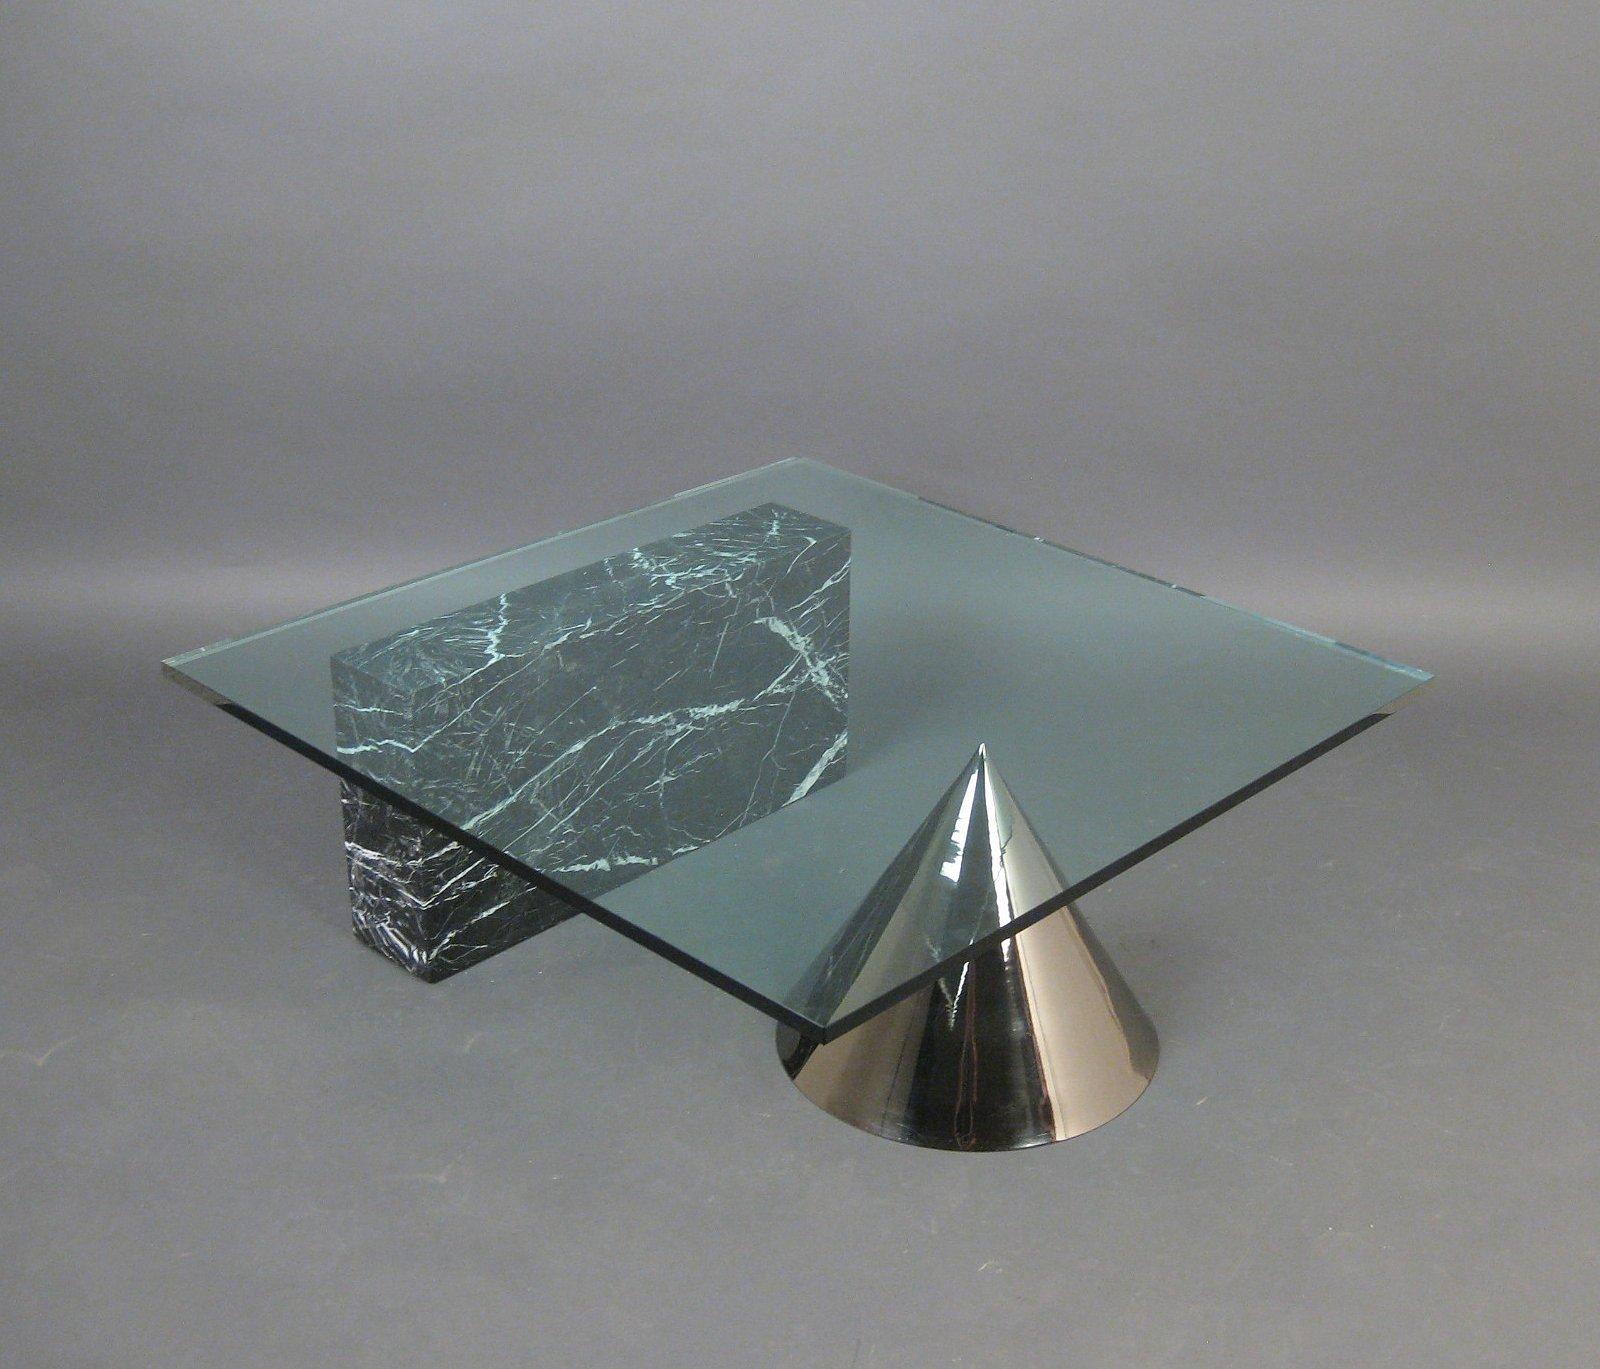 vad är glas gjort av